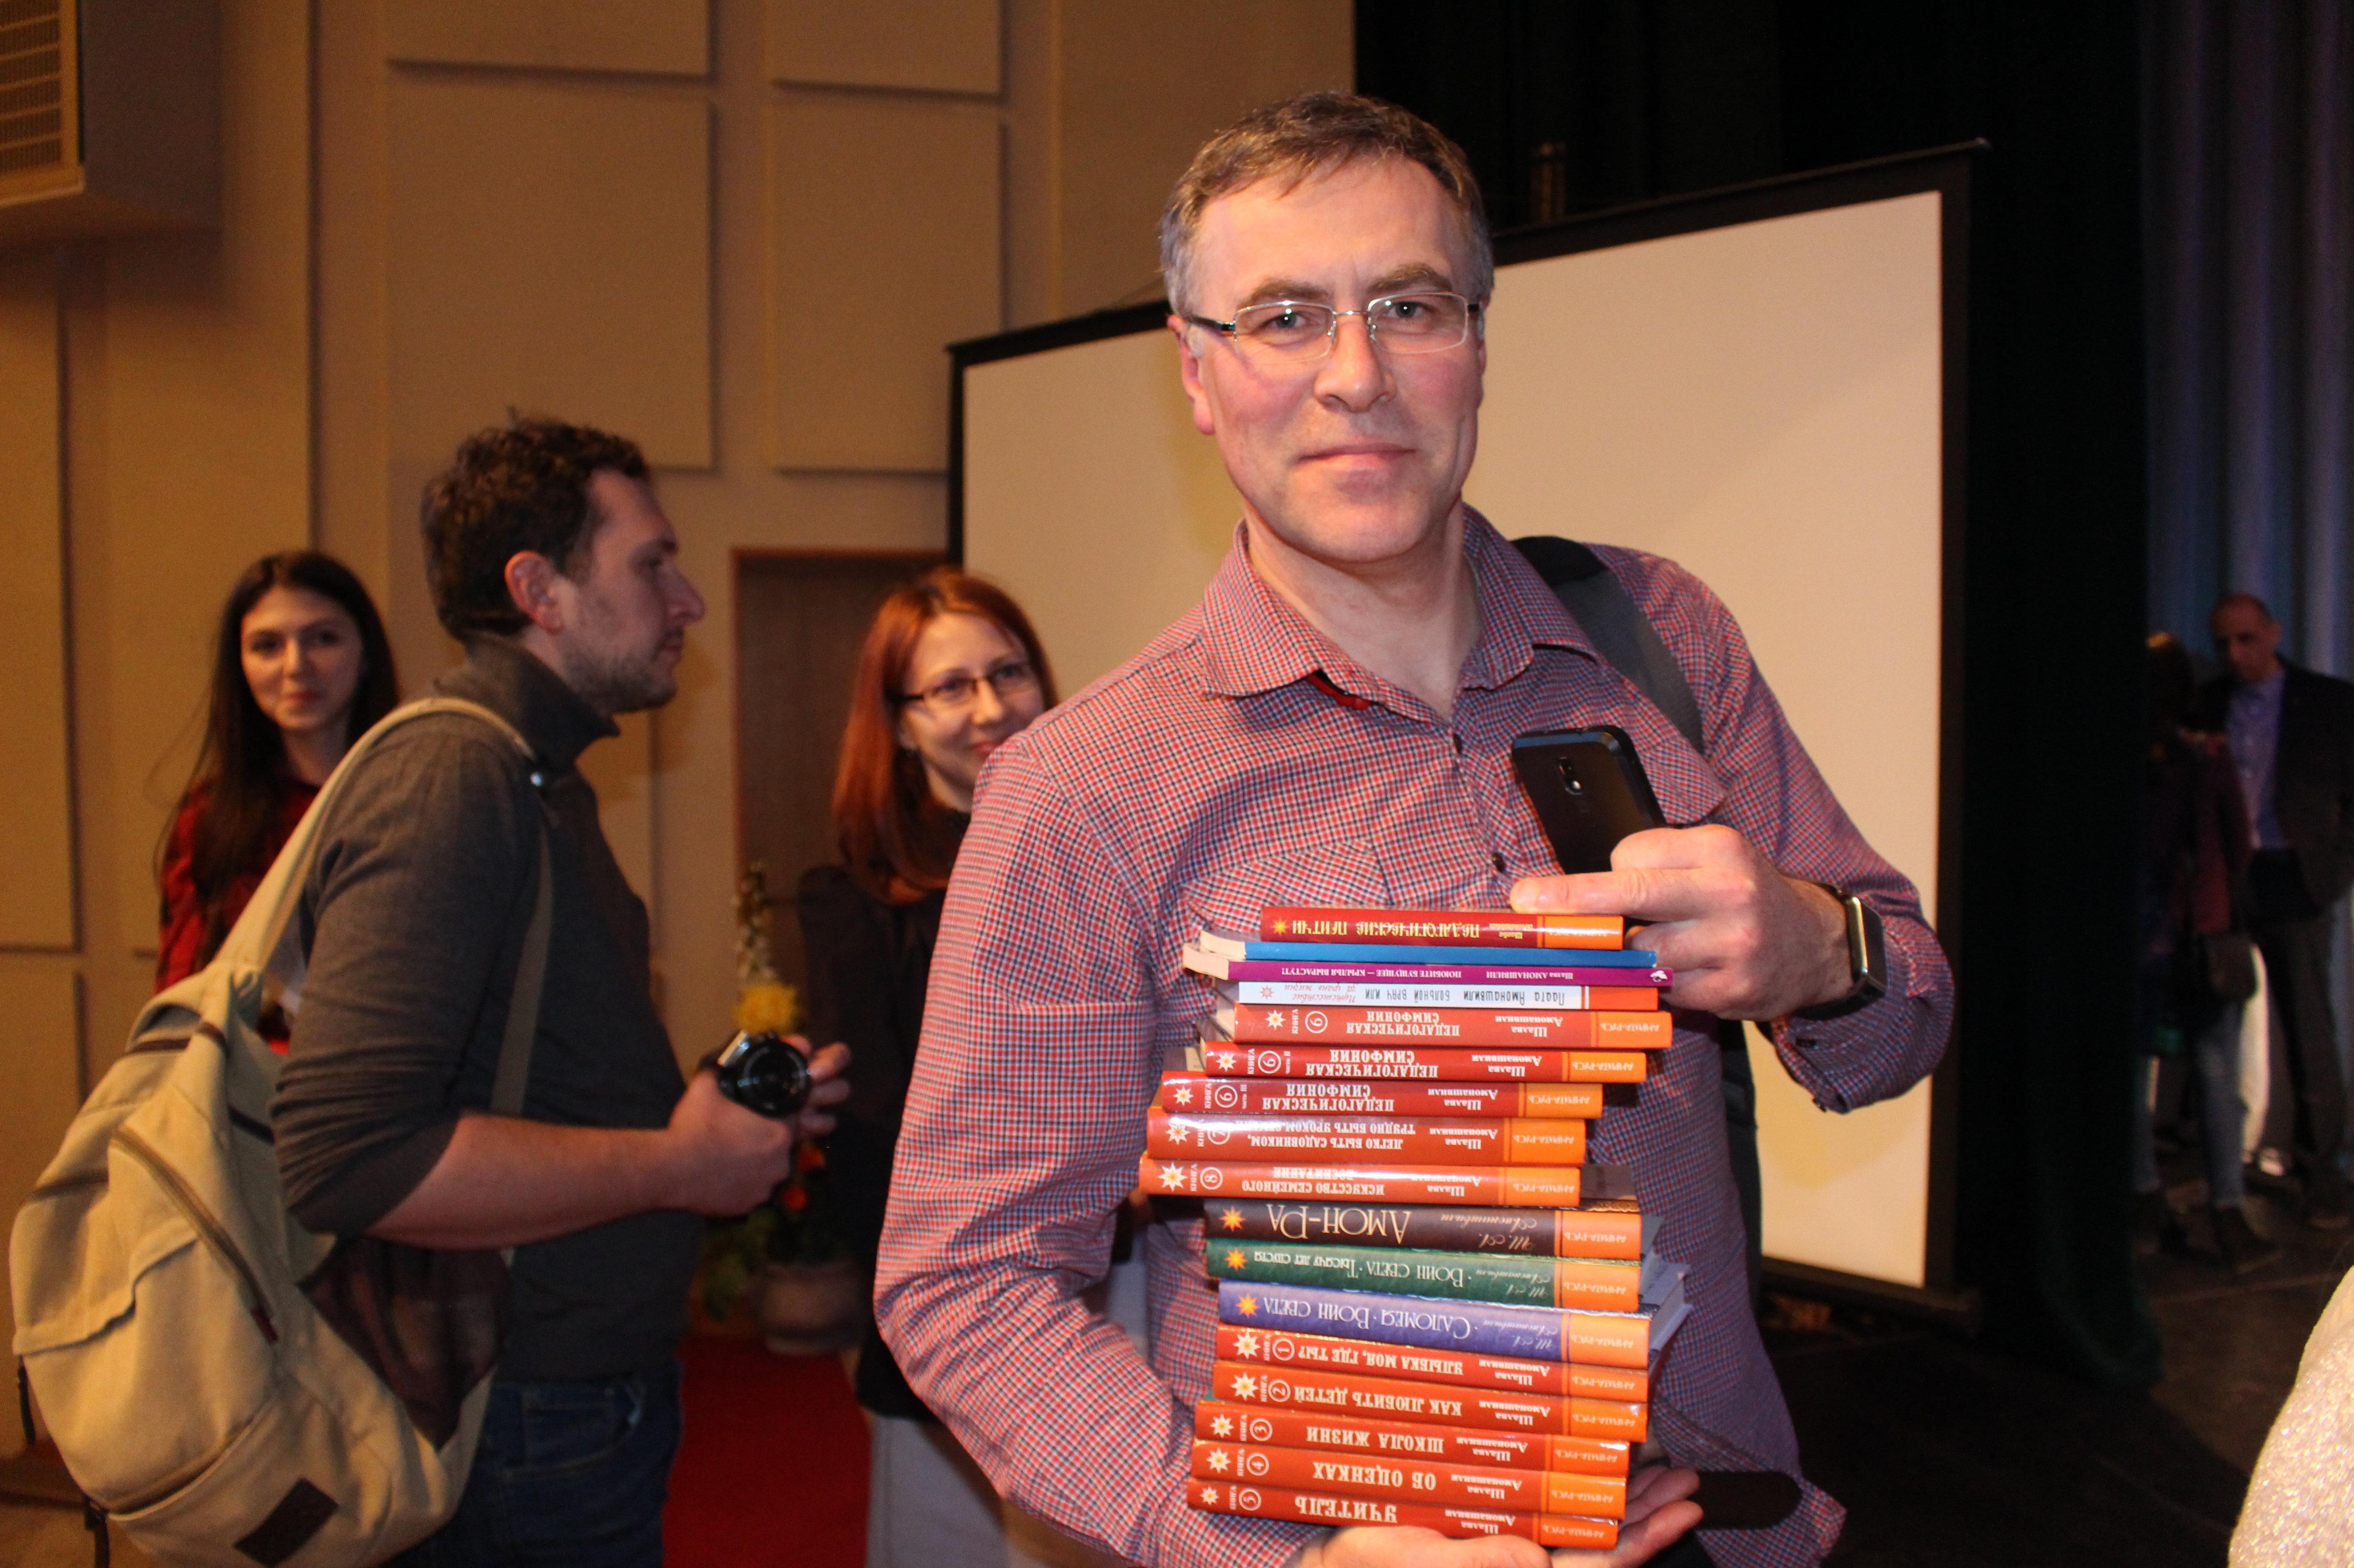 Один из слушателей семинара так вдохновился идеями гуманной педагогики, что купил в домашнюю библиотеку весь ассортимент книг педагога — 17 штук. Сказал, что собирается прочесть их в самое ближайшее время.